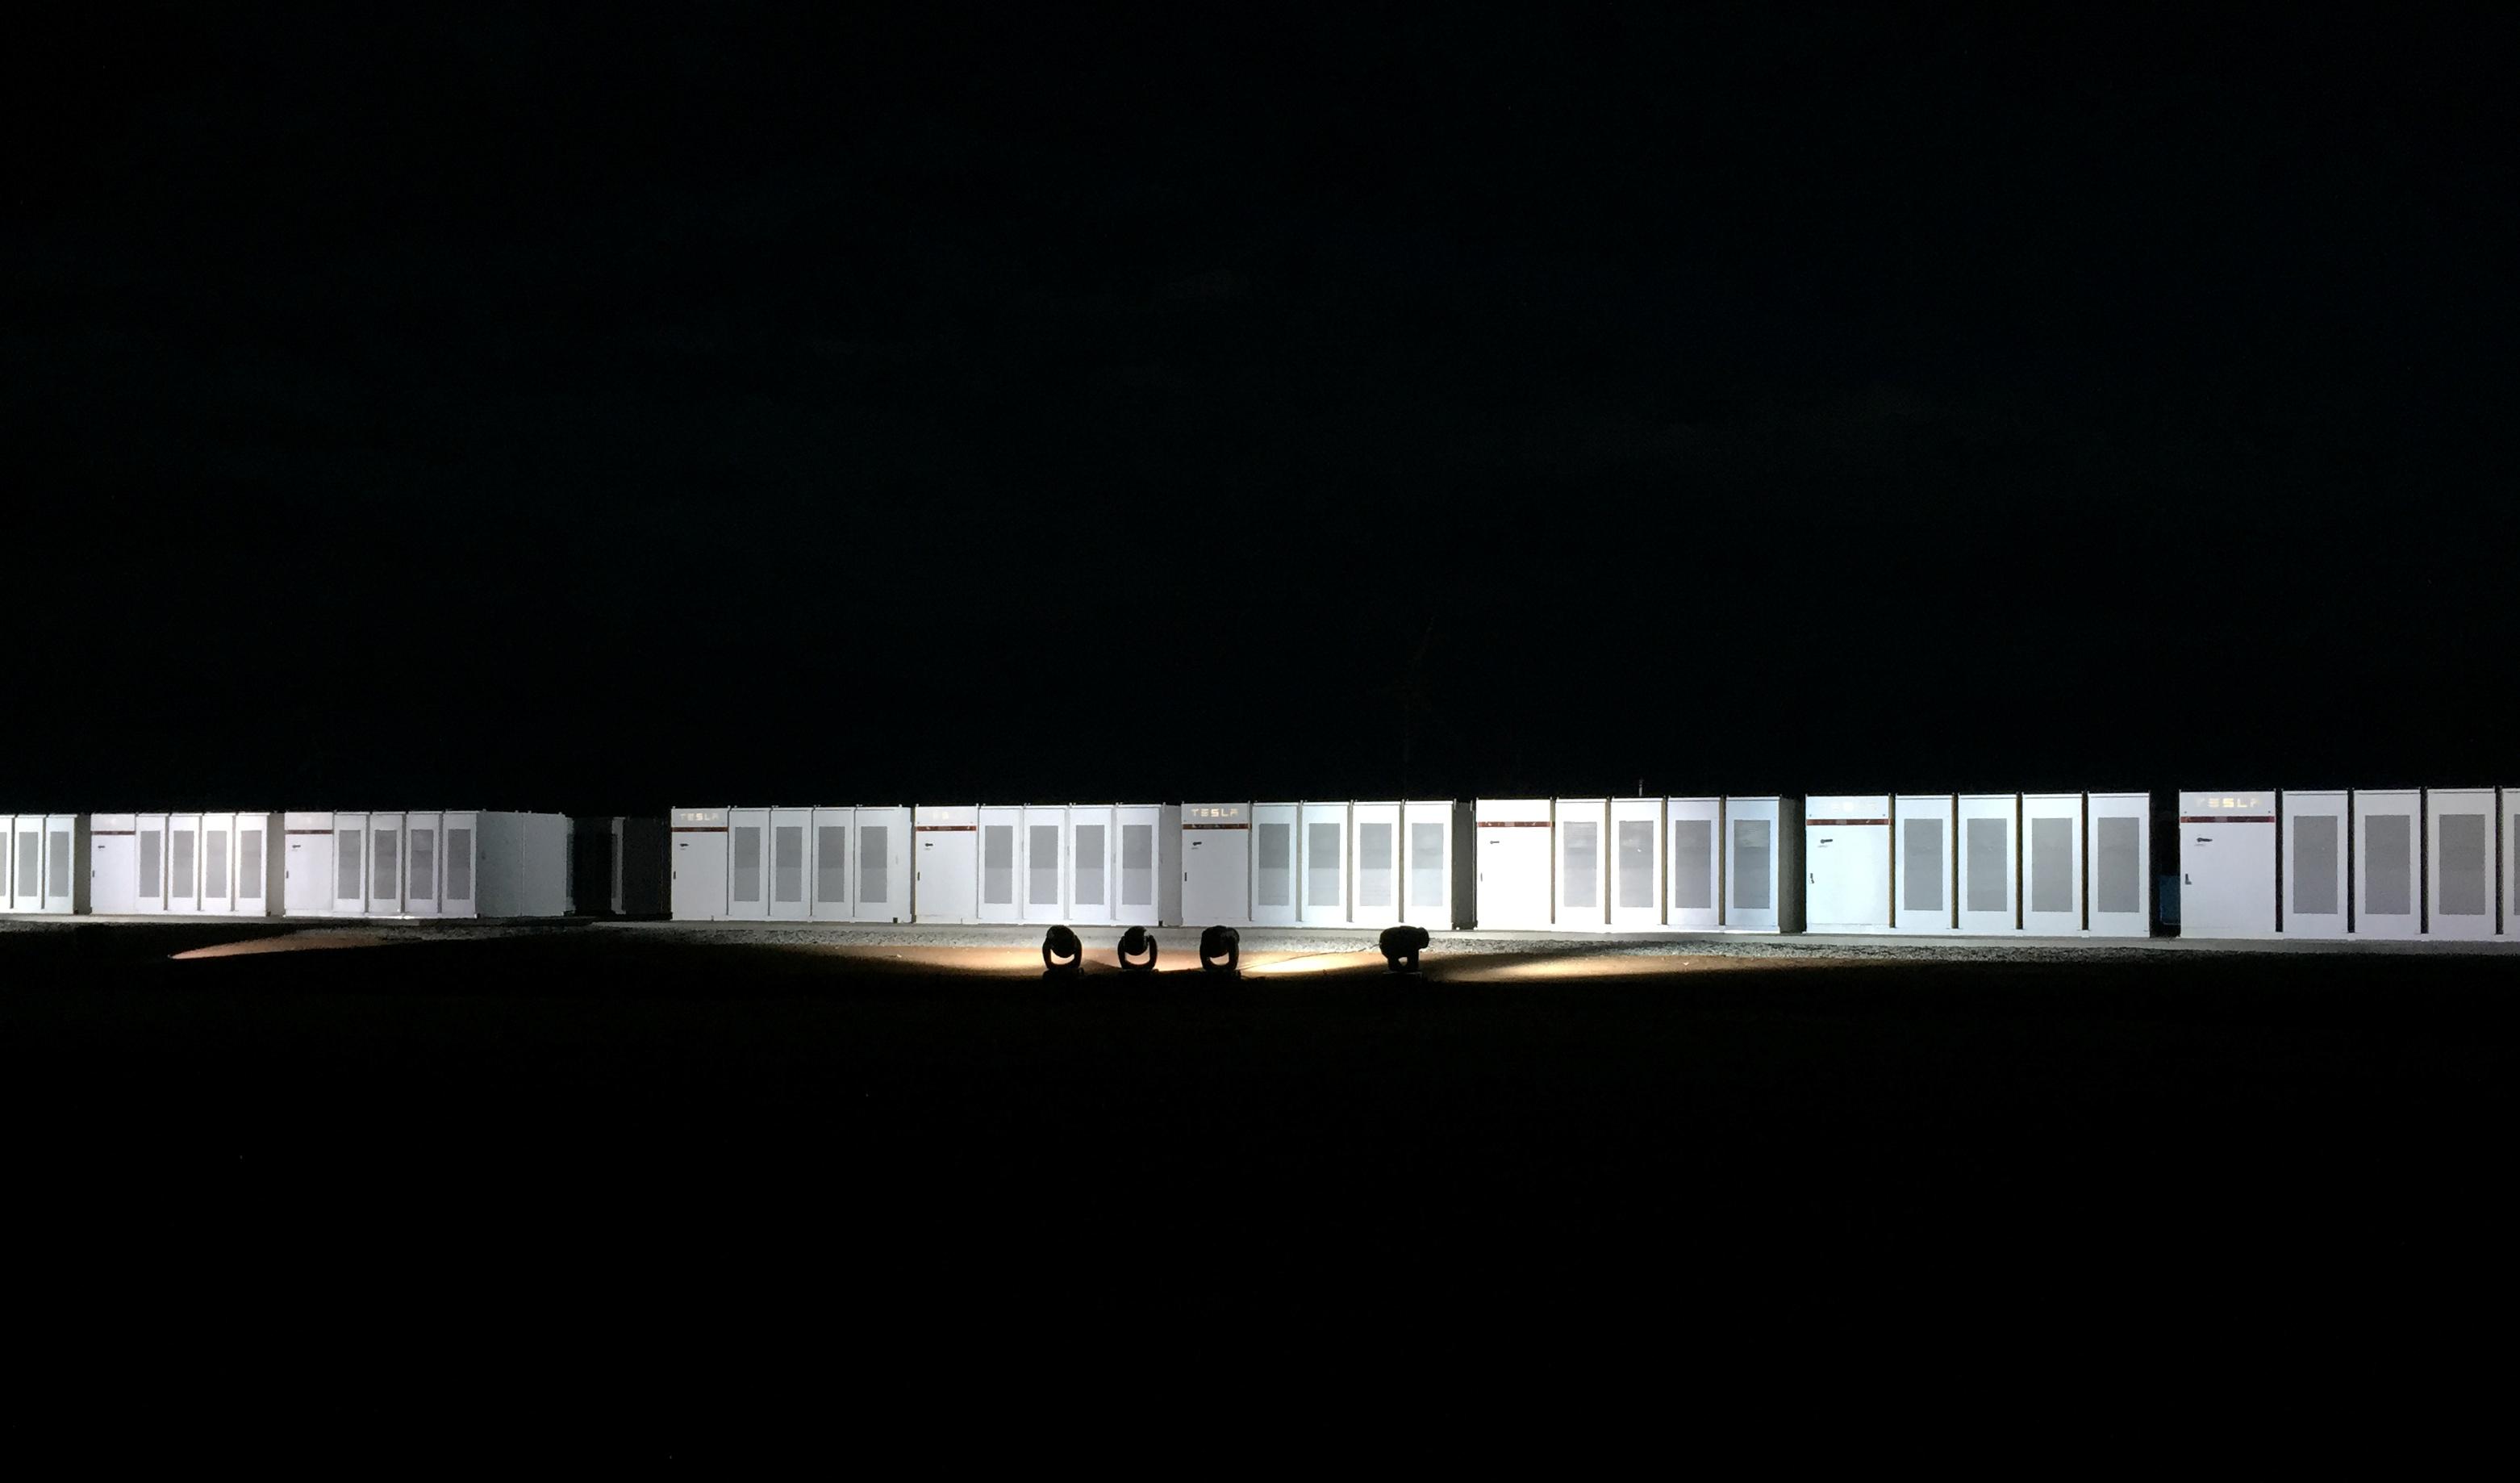 Tesla Powerpacks at Neoen wind farm in Hornsdale, South Australia September 29, 2017. Picture taken September 29, 2017.